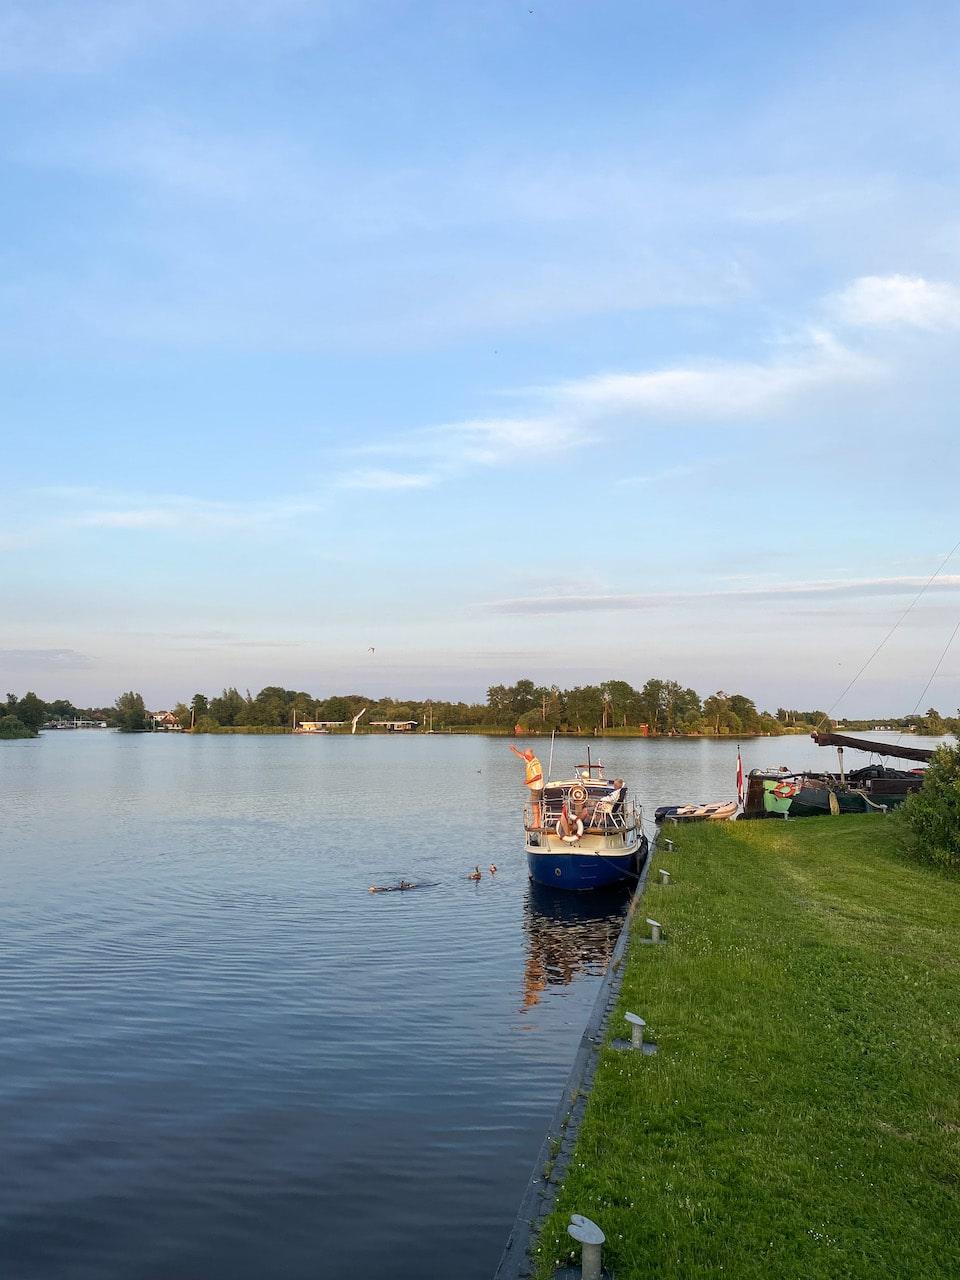 Vaarvakantie in Friesland - vaarroute voor 1 week  - Natuurpark de Alde Feanen